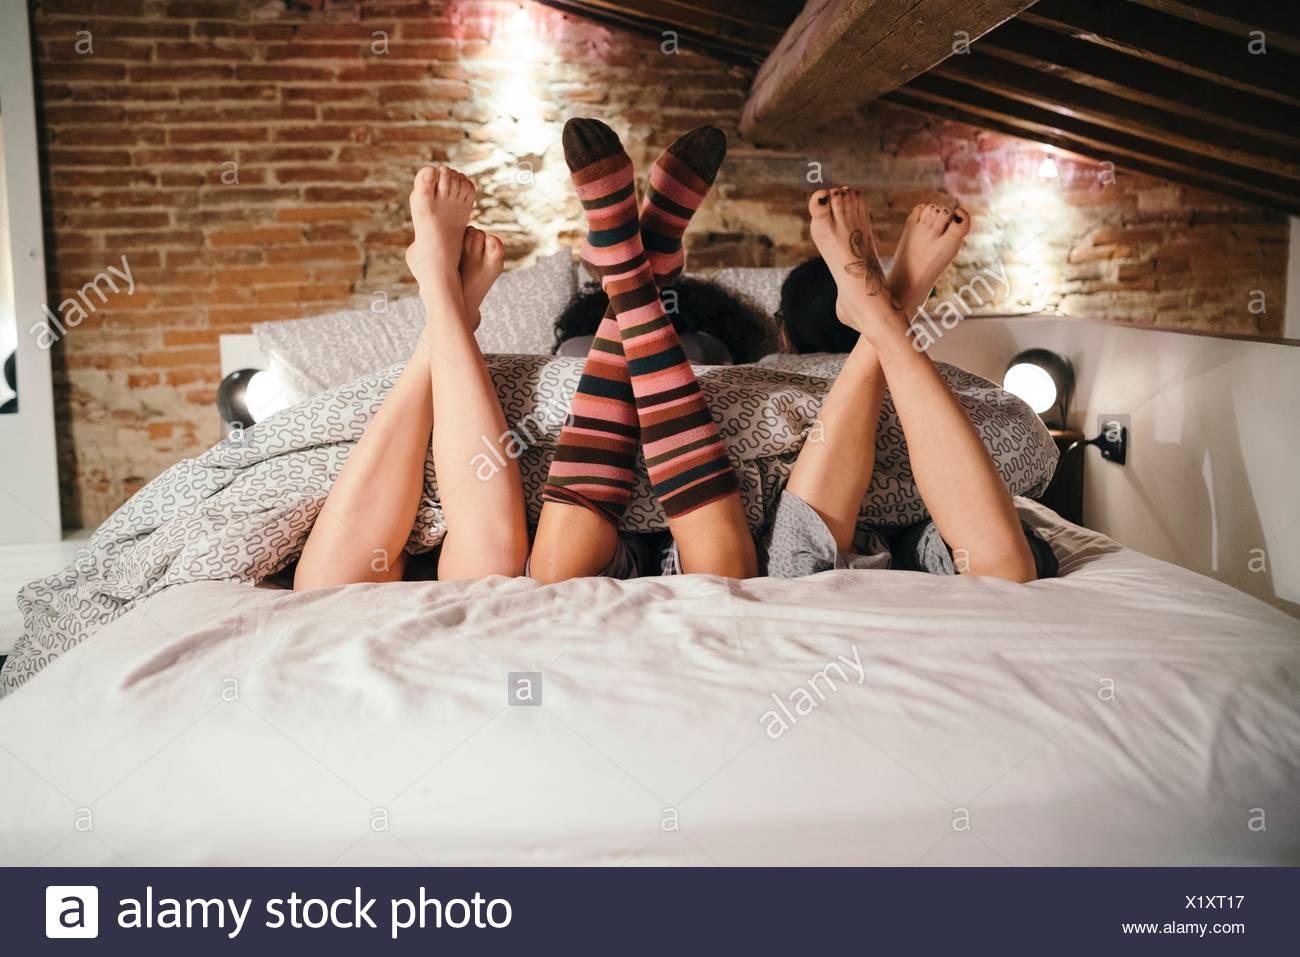 Las piernas cruzadas de amigos acostado de lado a lado en la cama Imagen De Stock